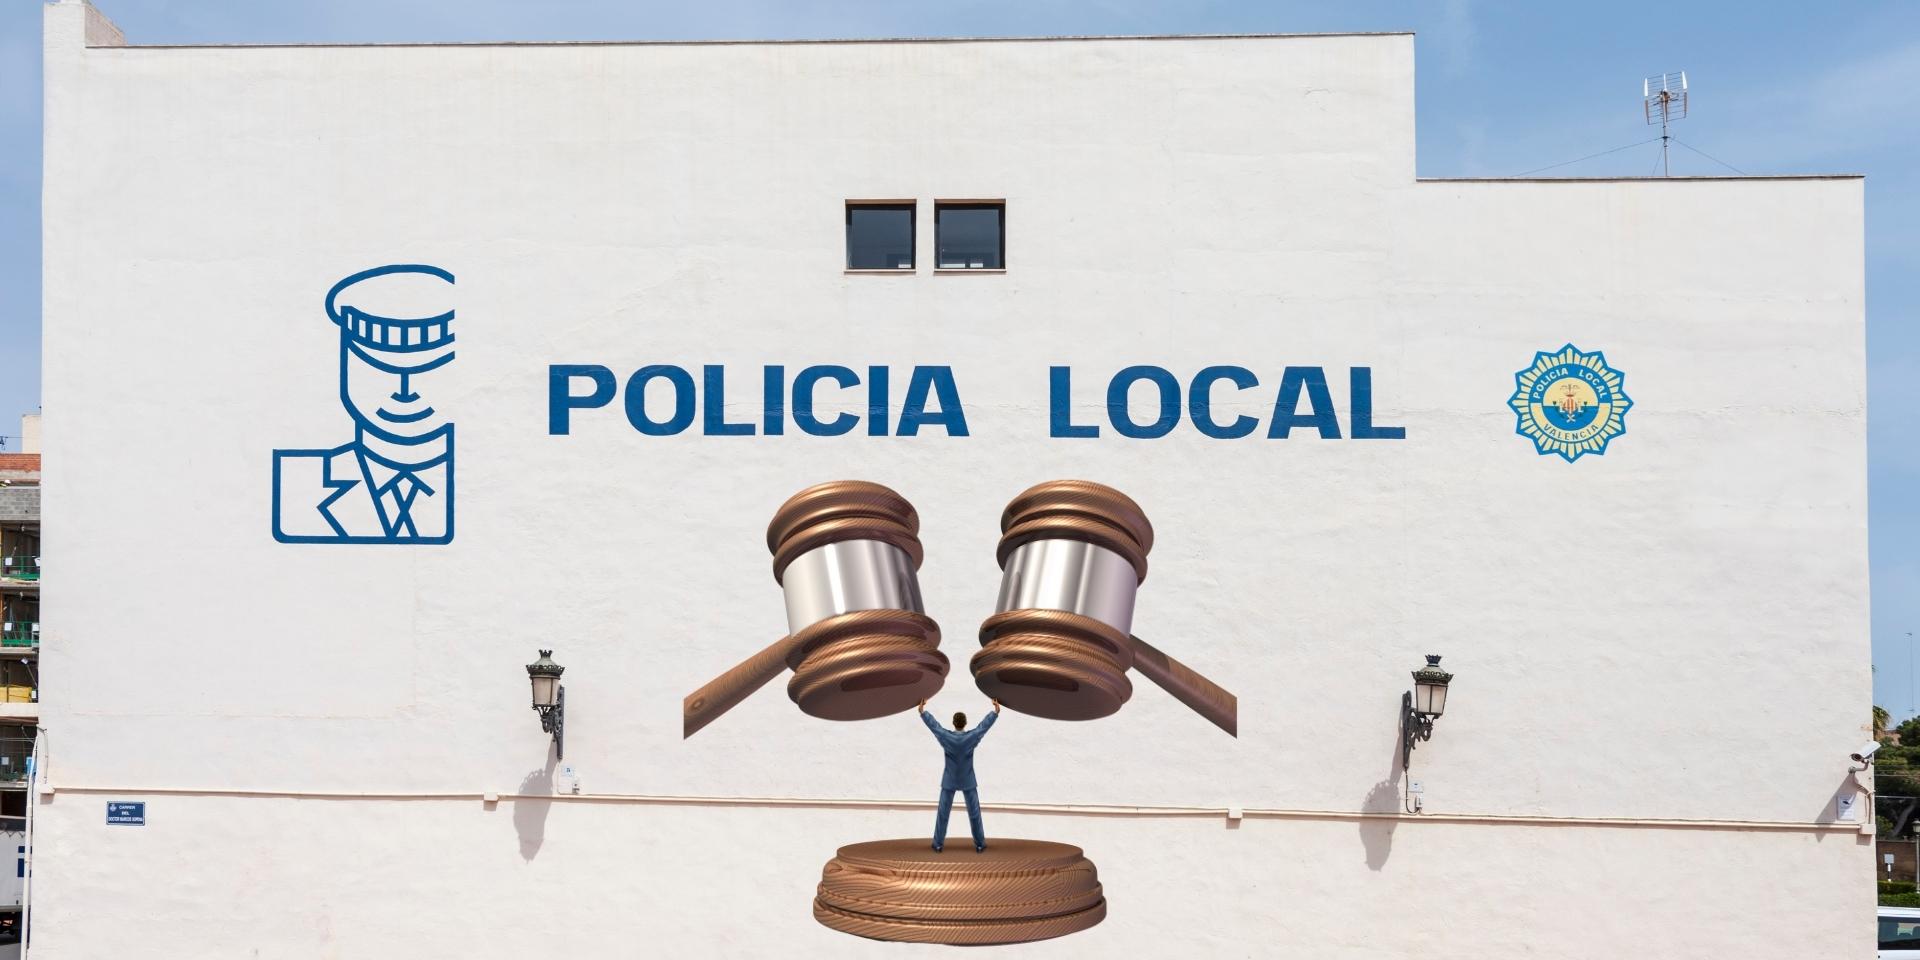 Antonio Berlanga y Proyecto de Mediación Policial reconocidos con Premio Nacional | Iniseg